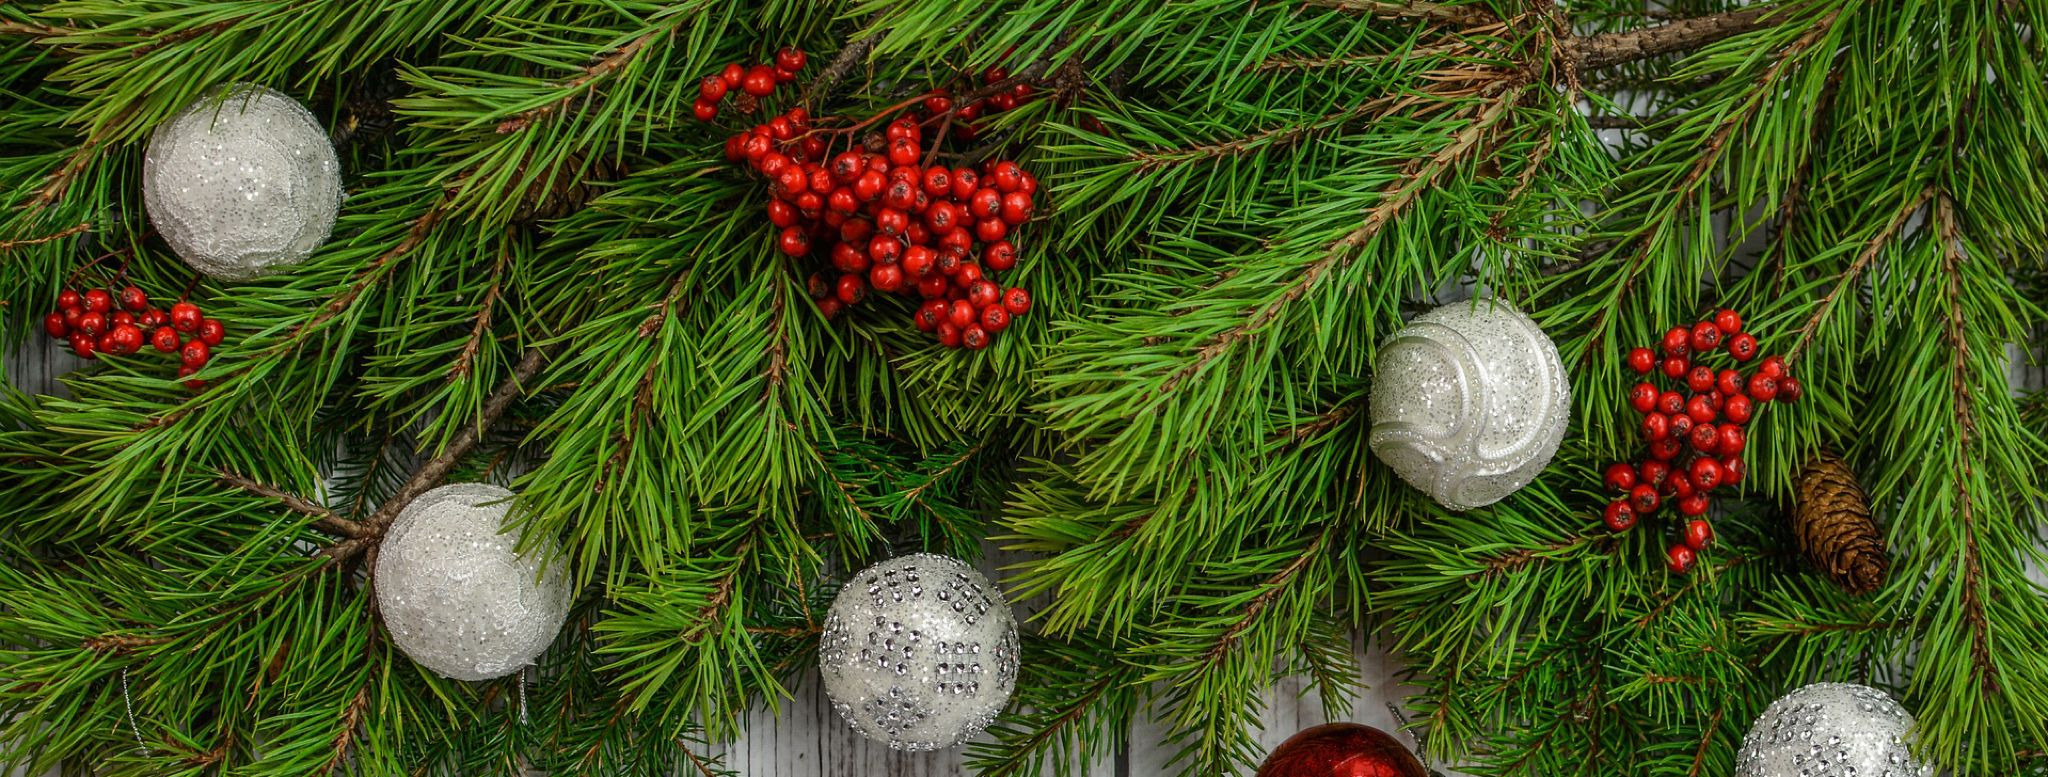 Christmas Header.Christmas Header Headers Christmas Christmas Wreaths